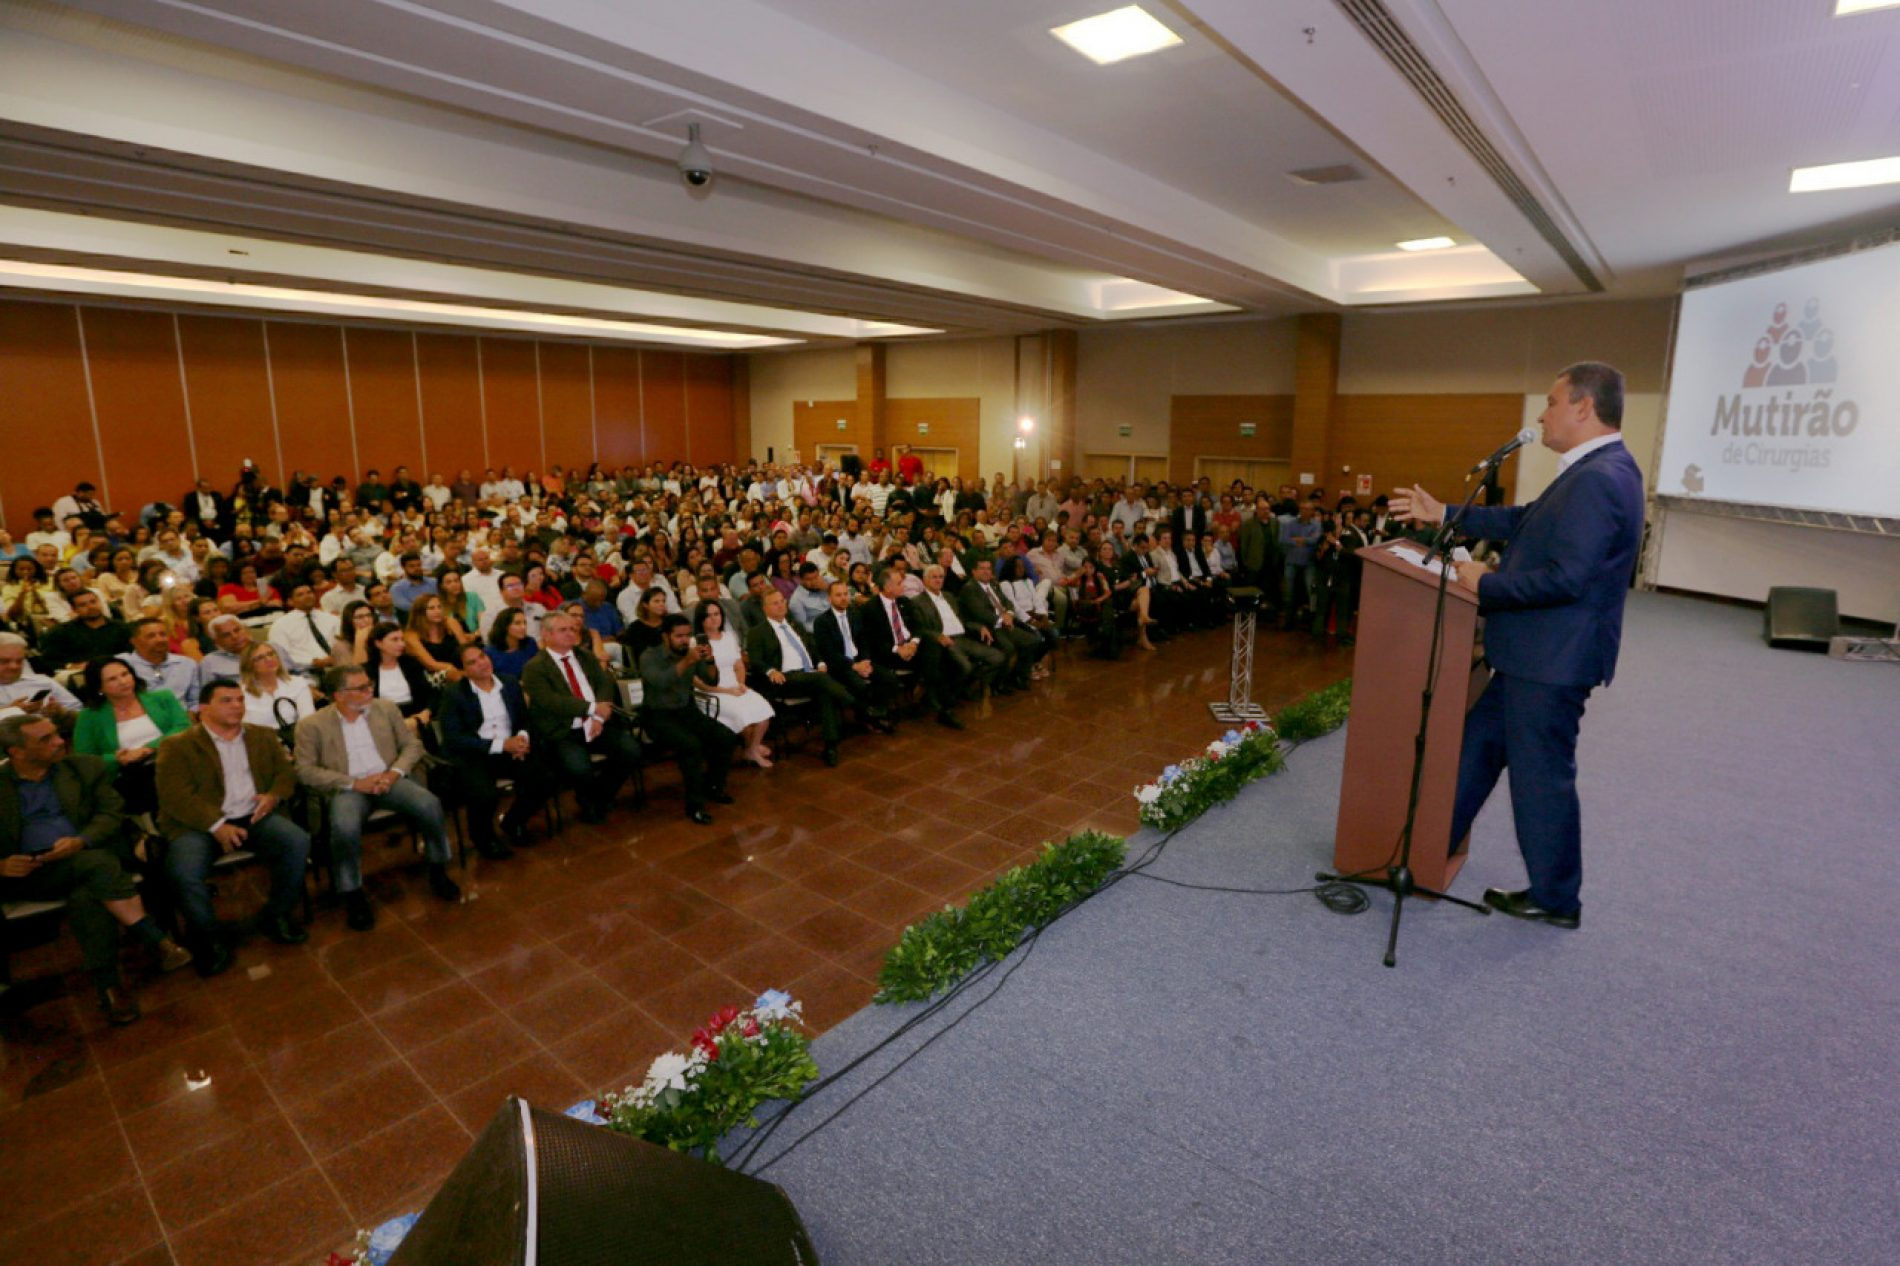 Rui reúne mais de 100 prefeitos no lançamento do Mutirão de Cirurgias